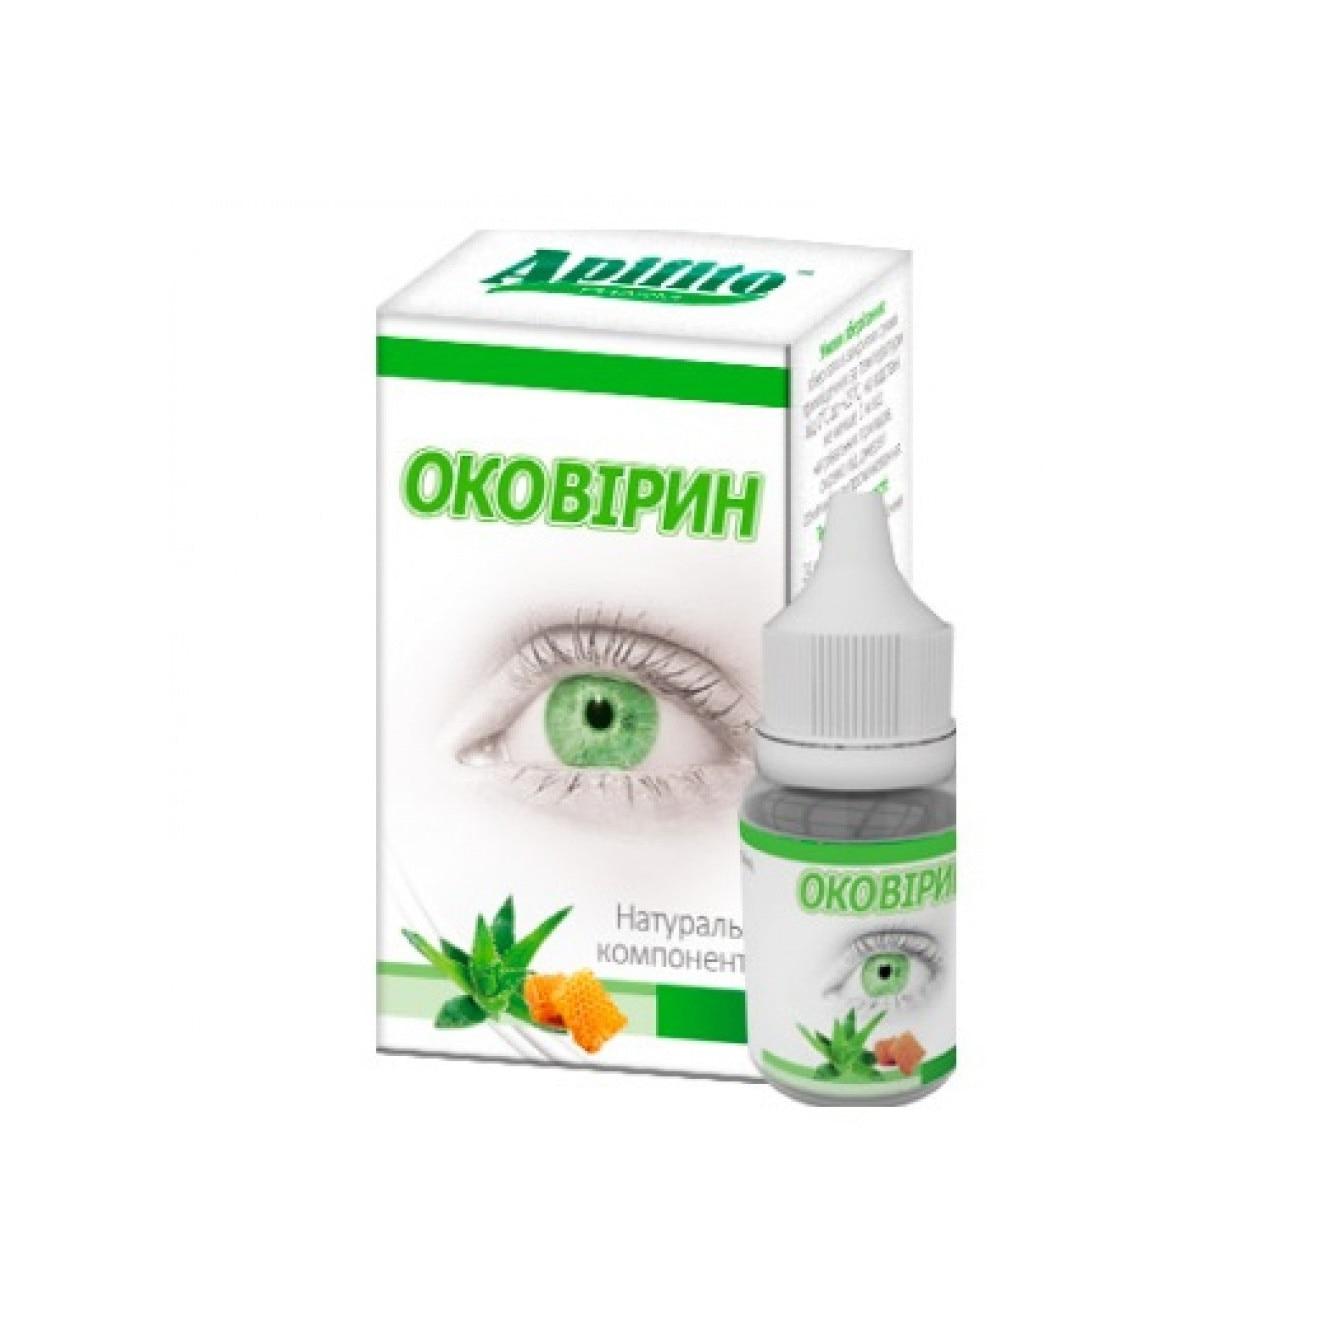 picături pentru ochi pentru tulburări de vedere muzică pentru îmbunătățirea vederii